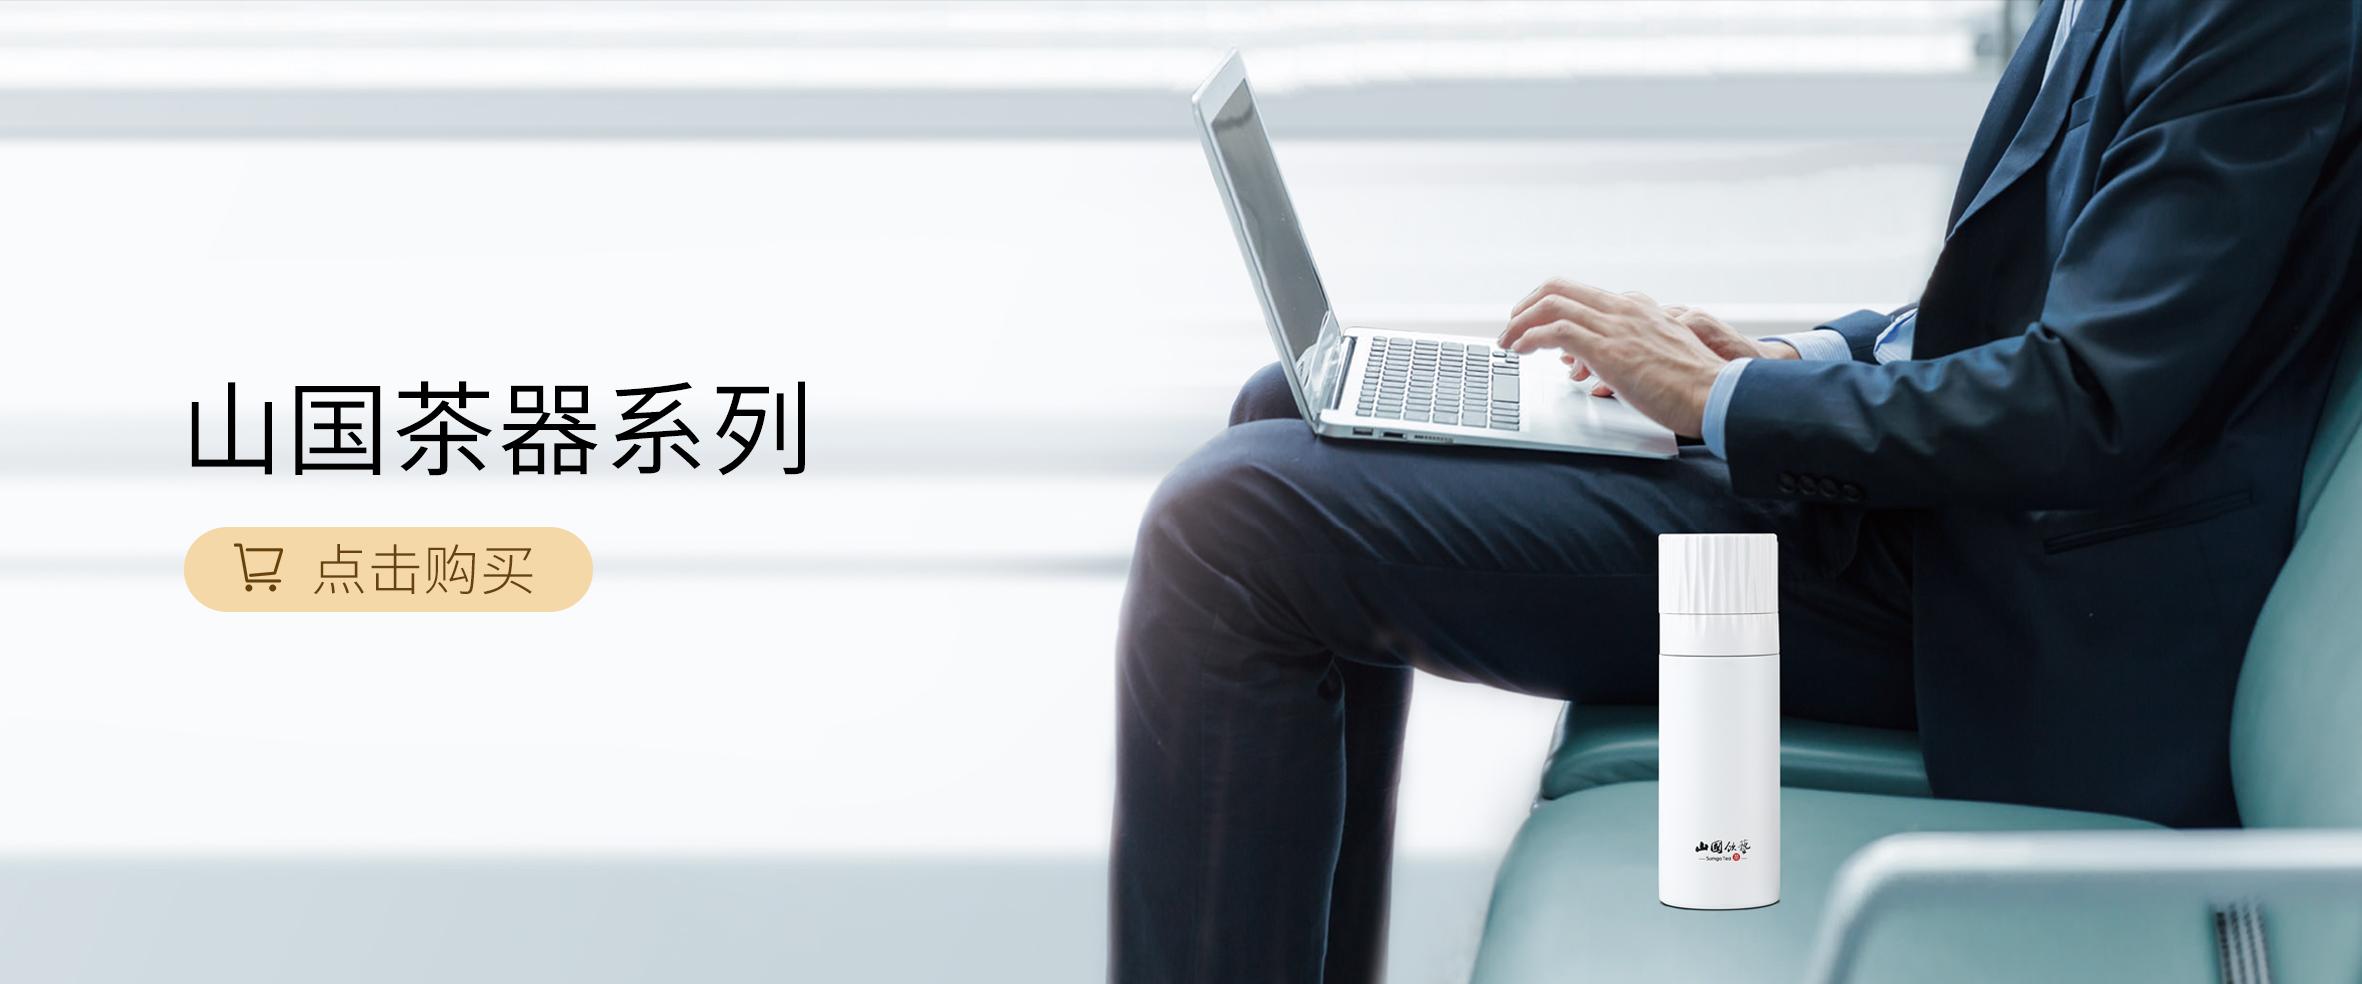 山国茶器系列banner_20210720_195643763